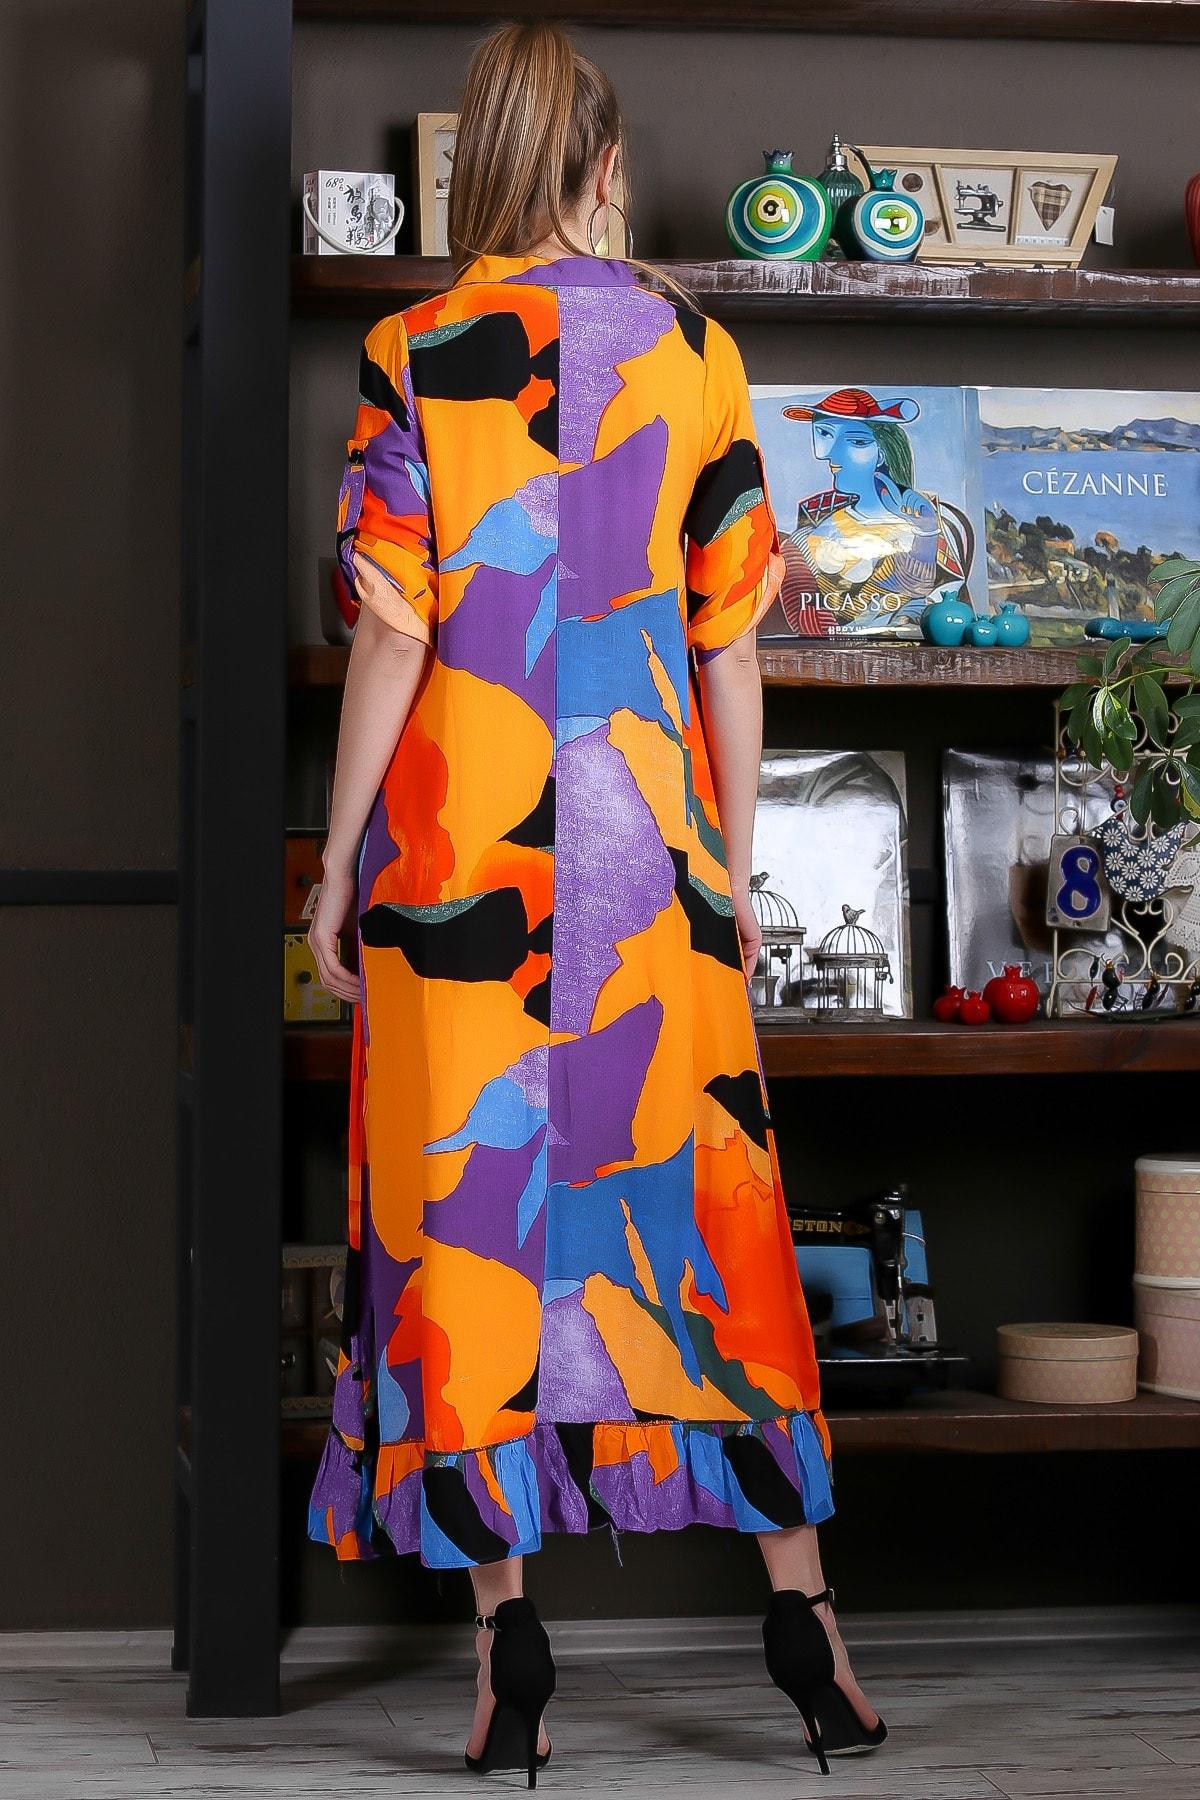 Chiccy Kadın Turuncu-Mavi Kübist Desen Düğme Detaylı Etek Ucu Fırfırlı Uzun Gömlek Elbise M10160000EL95462 4